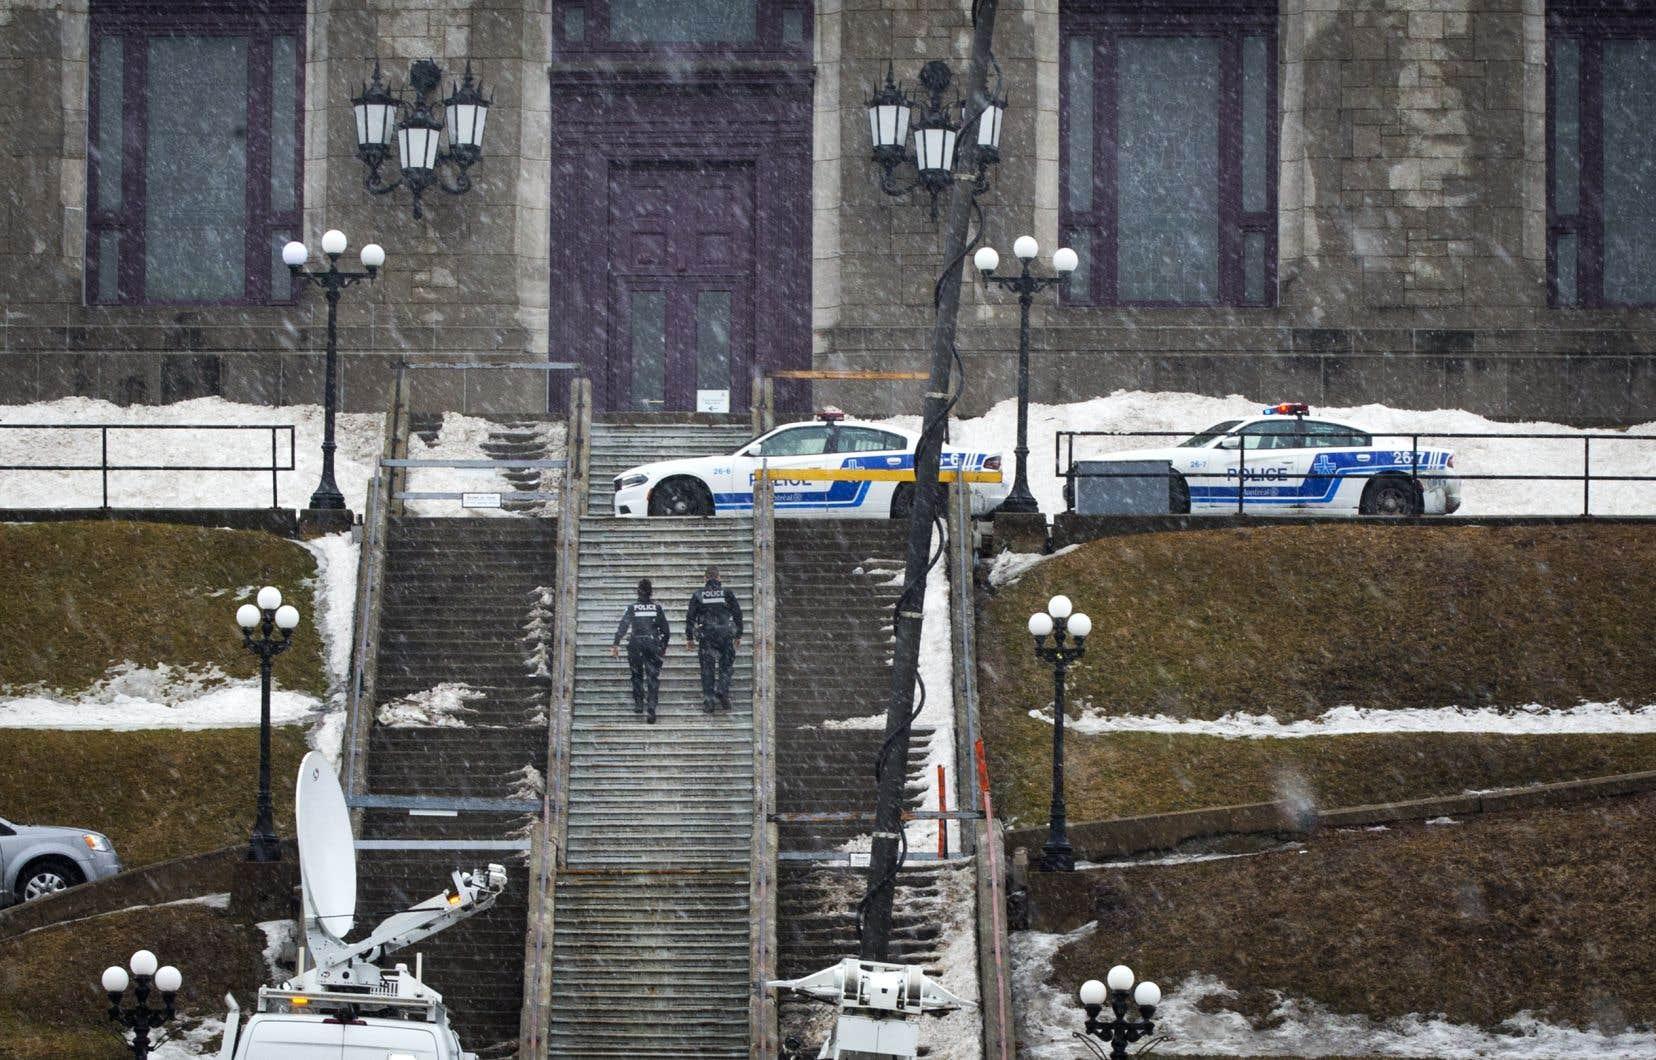 Le 22 mars, l'accusé aurait agressé un prêtre de l'oratoire Saint-Joseph en pleine messe.